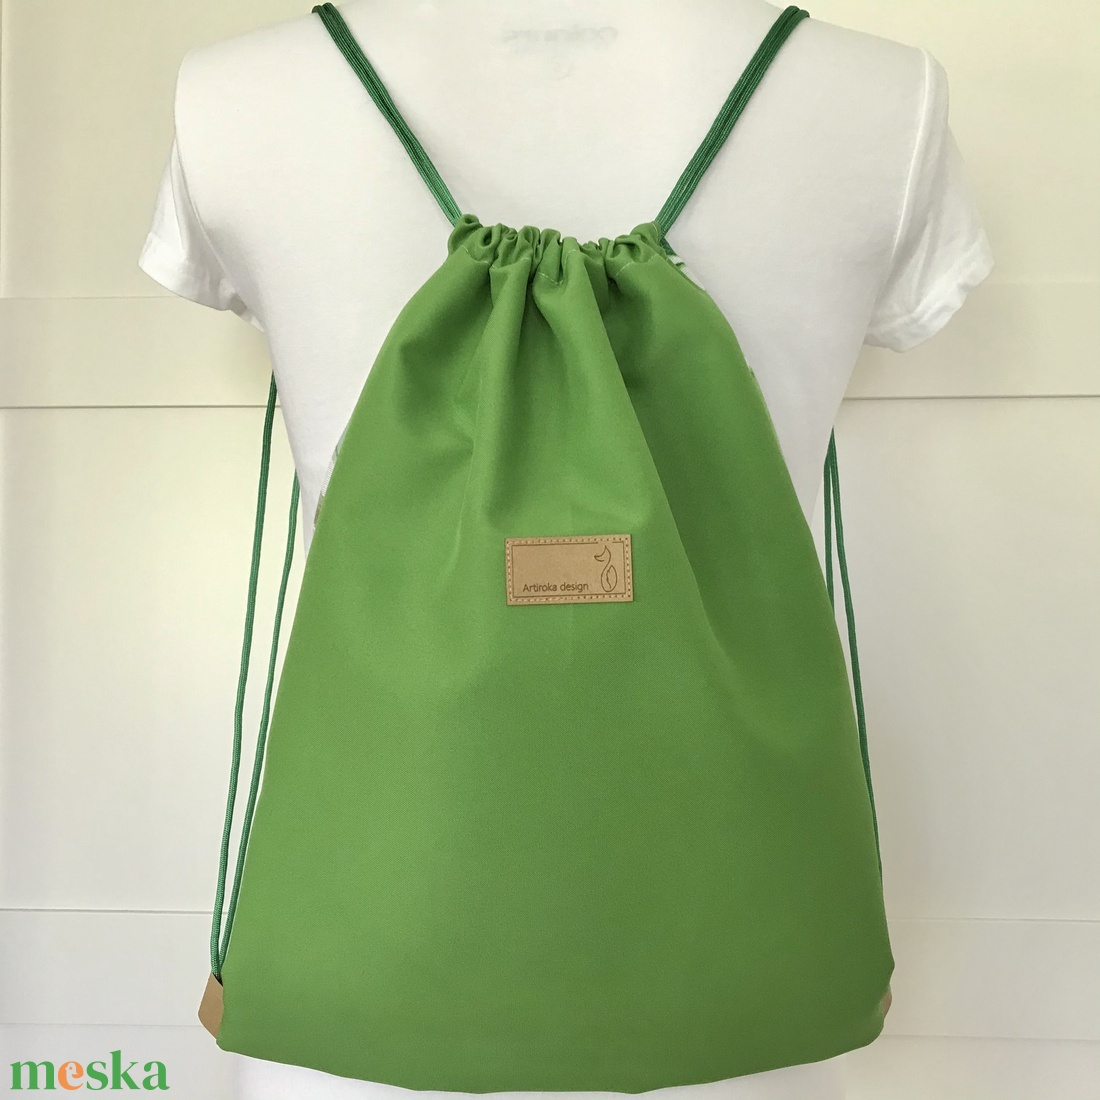 Pálmafalevél mintás, zöld - fehér  gymbag hátizsák - tornazsák edzéshez, úszáshoz - Artiroka design - táska & tok - hátizsák - Meska.hu